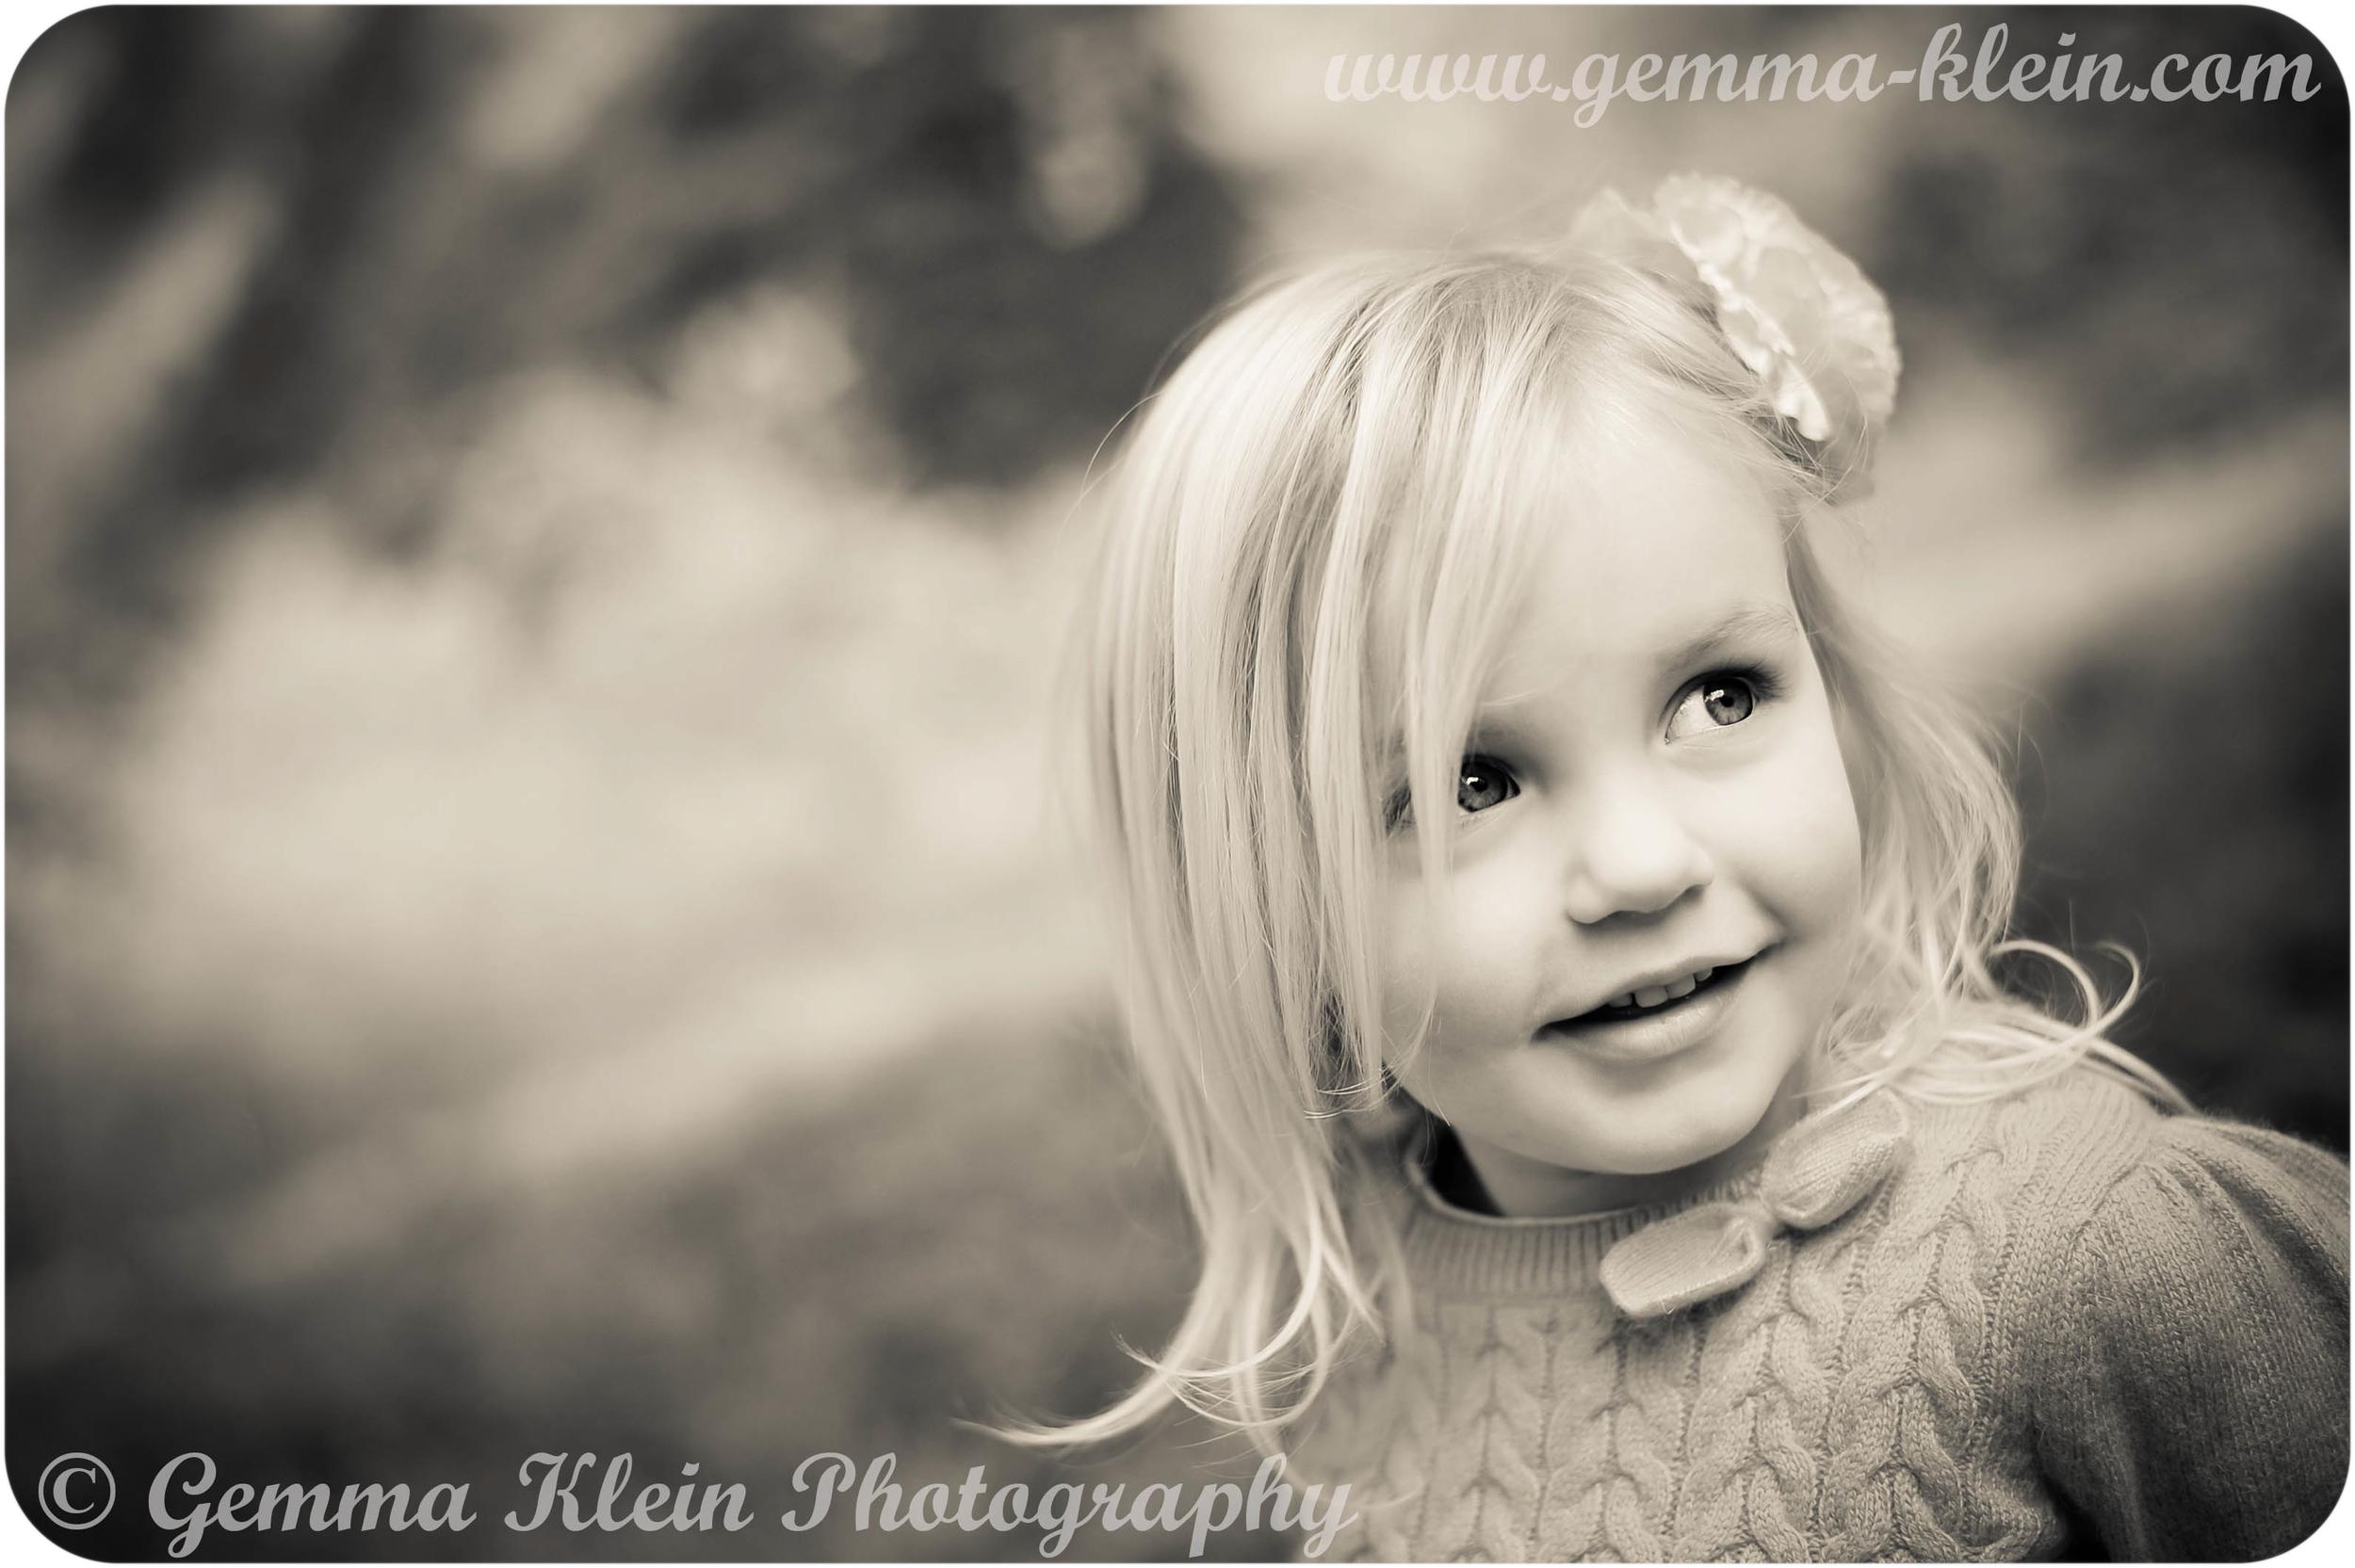 Gemma Klein Photography 3.jpg